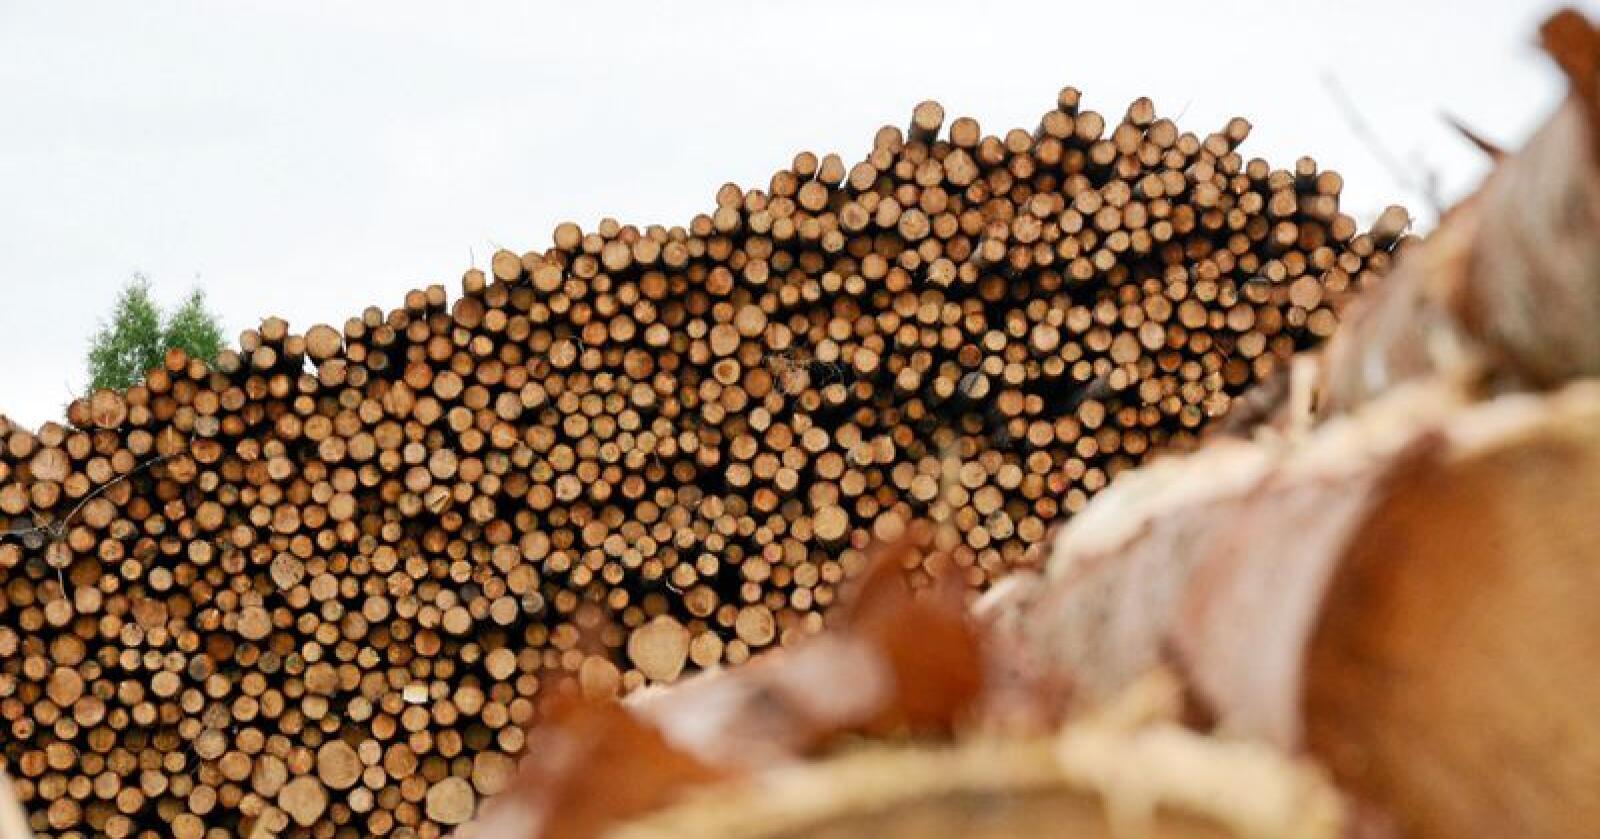 Det importes ulovlig tømmer til Norge, som kan komme fra ulovlig hogst og som kan ta med seg skadelige arter til Norge. Illustrasjonsfoto: Siri Juell Rasmussen